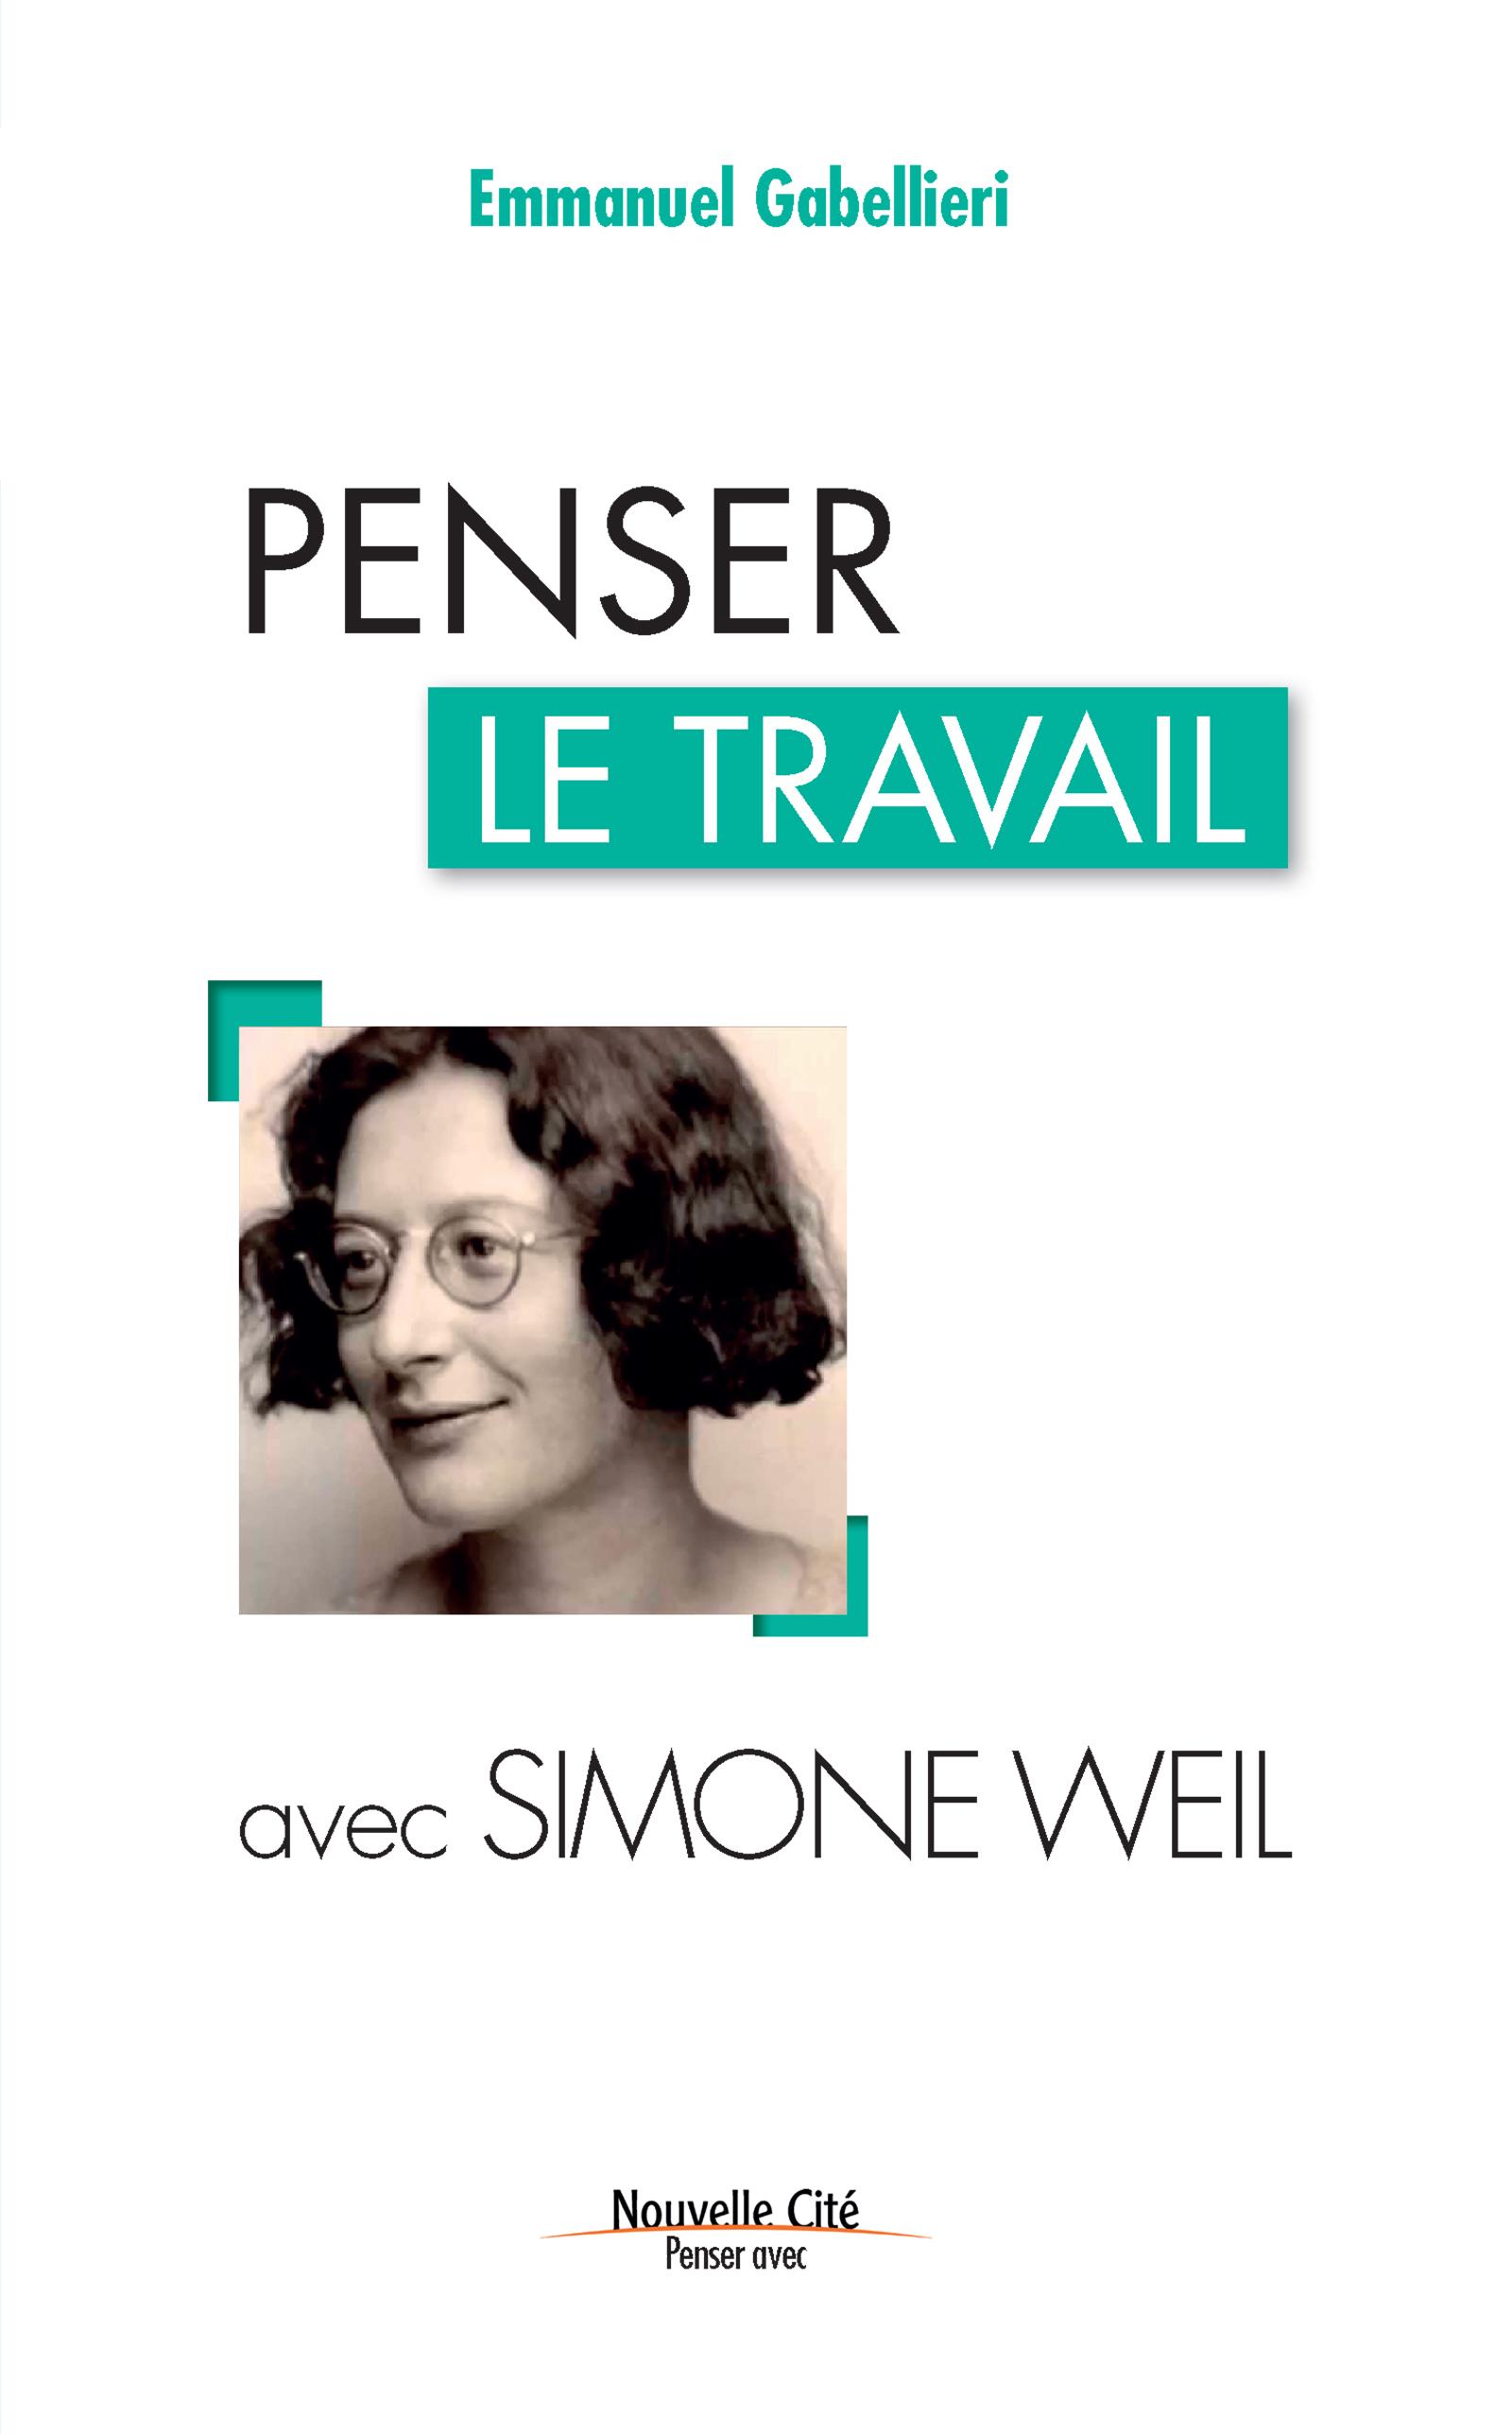 Penser le travail avec Simone Weil